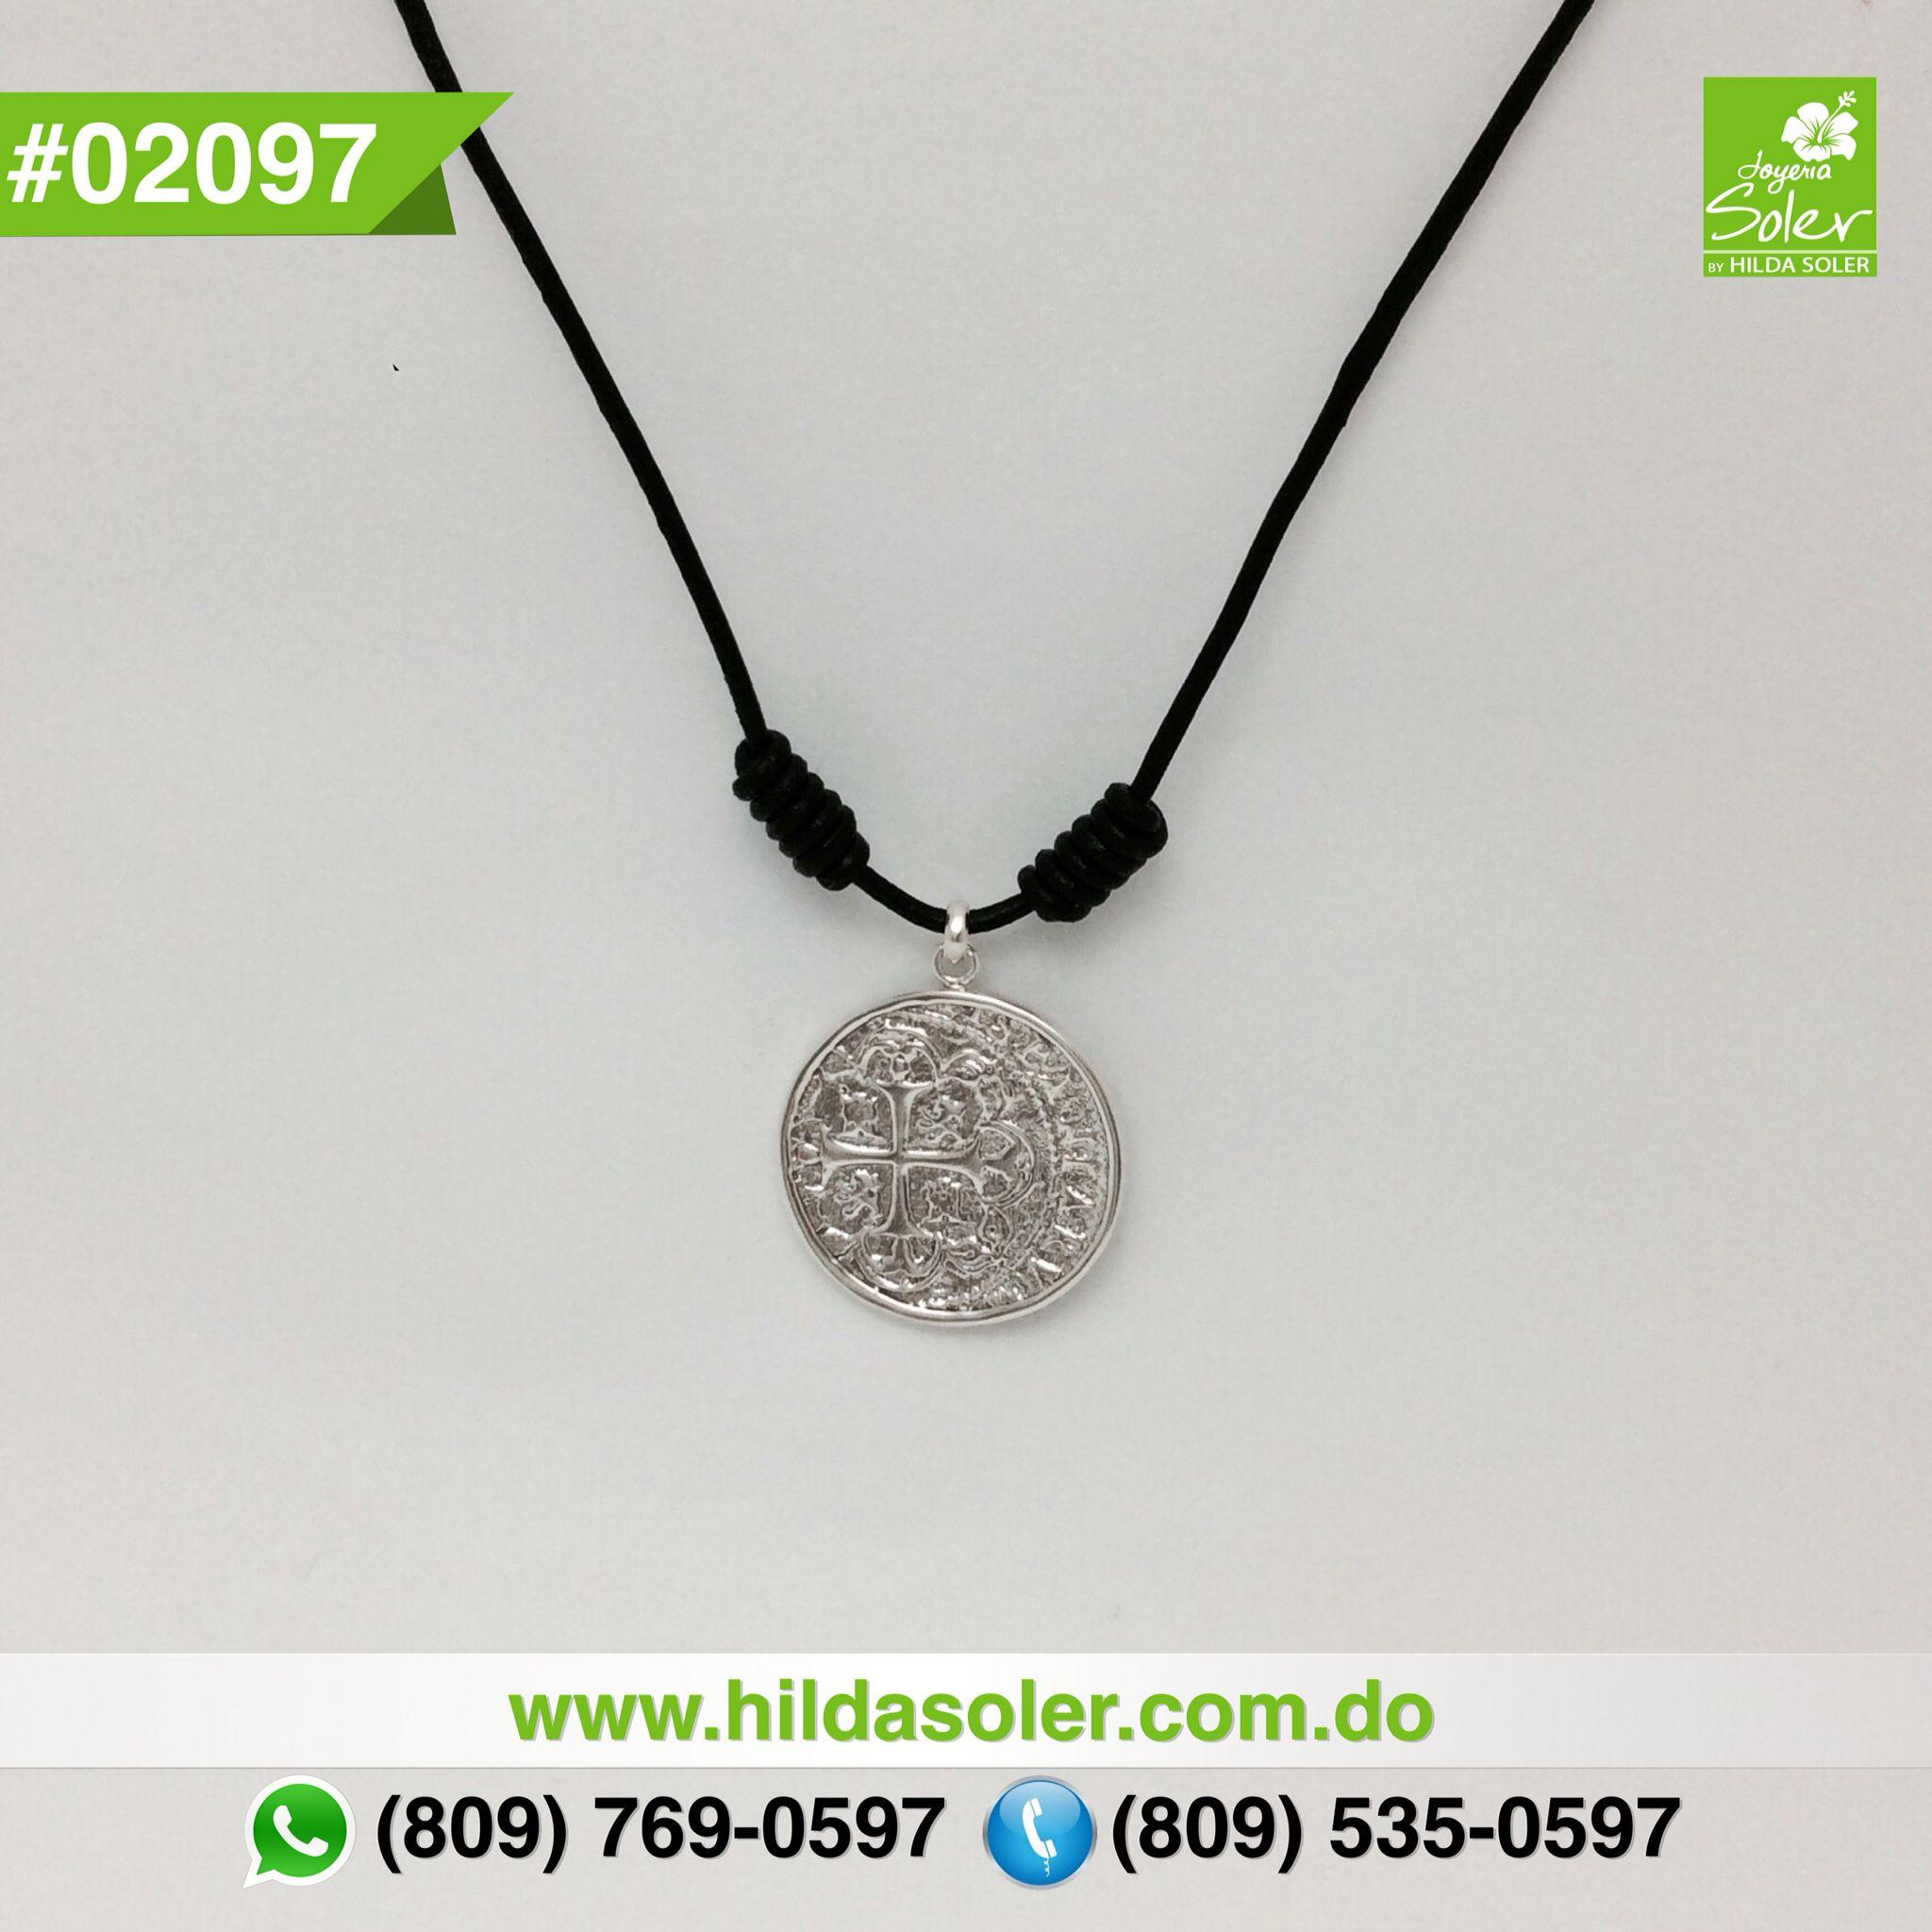 Cordón en piel con moneda en plata 925 RD $2,600 pesos